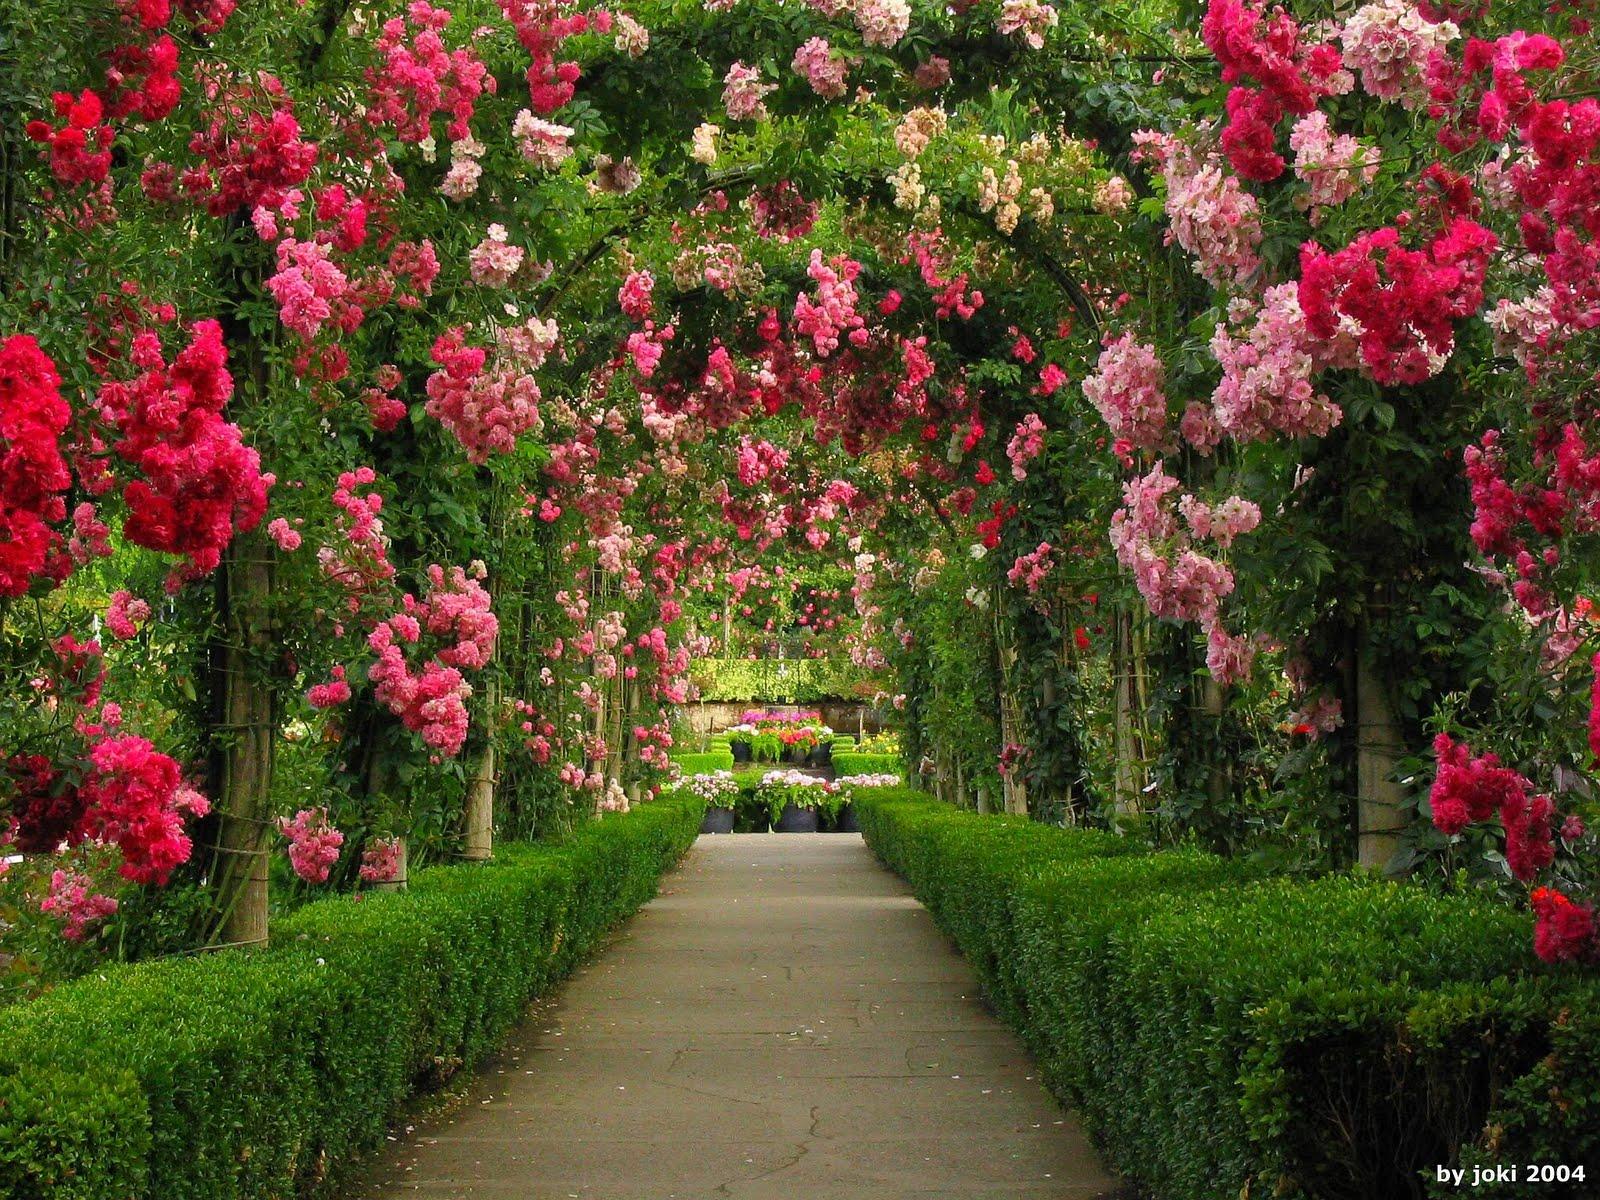 imagens jardim de rosas:Rose Garden